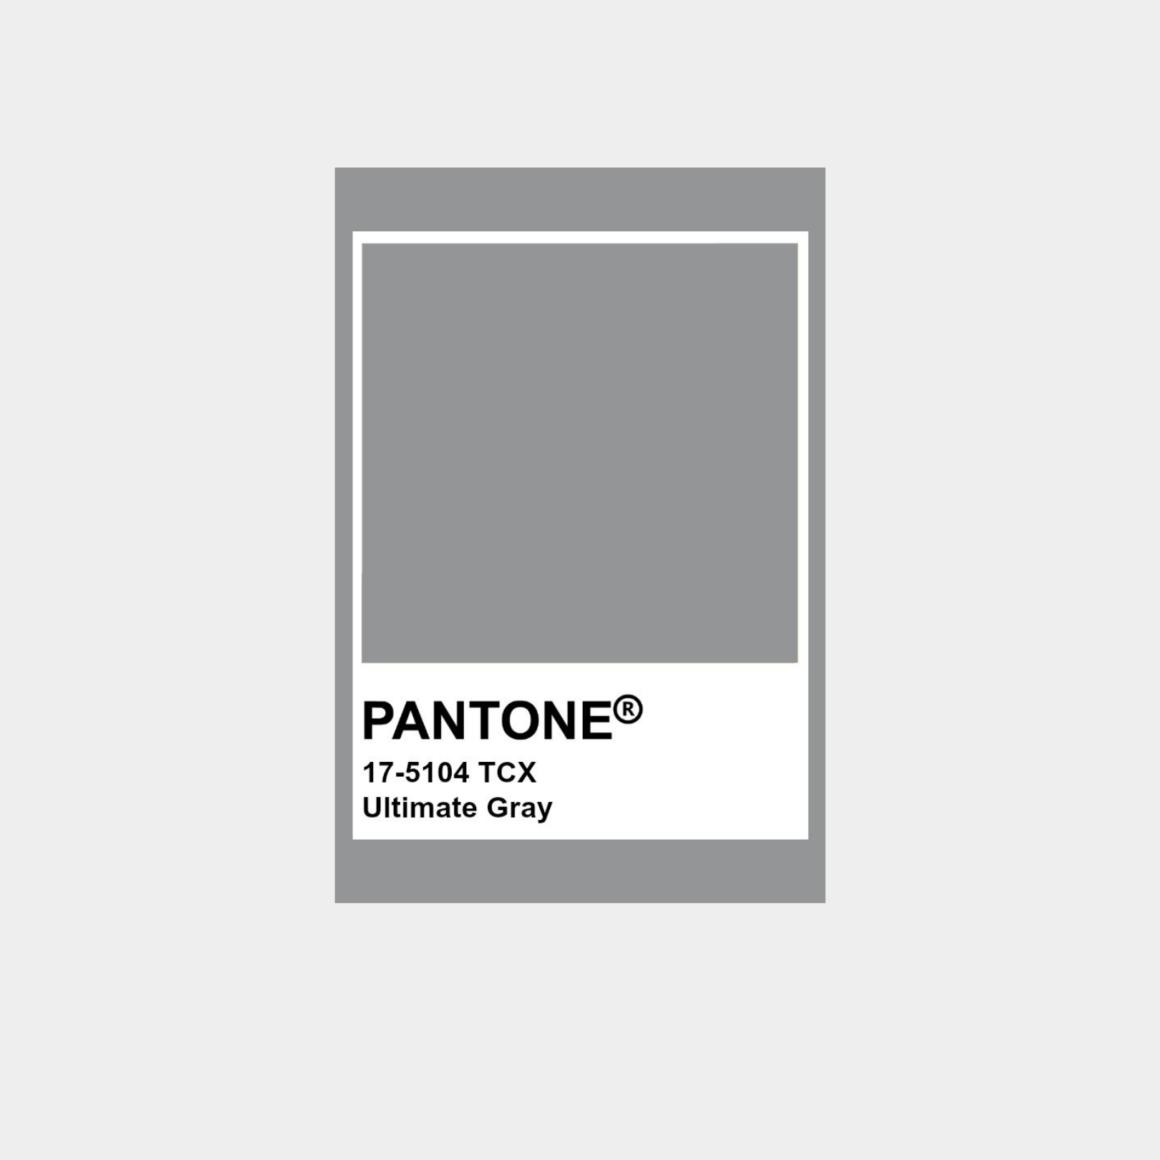 Pantone årets färg 2021 - Ultimate Gray 17-5104